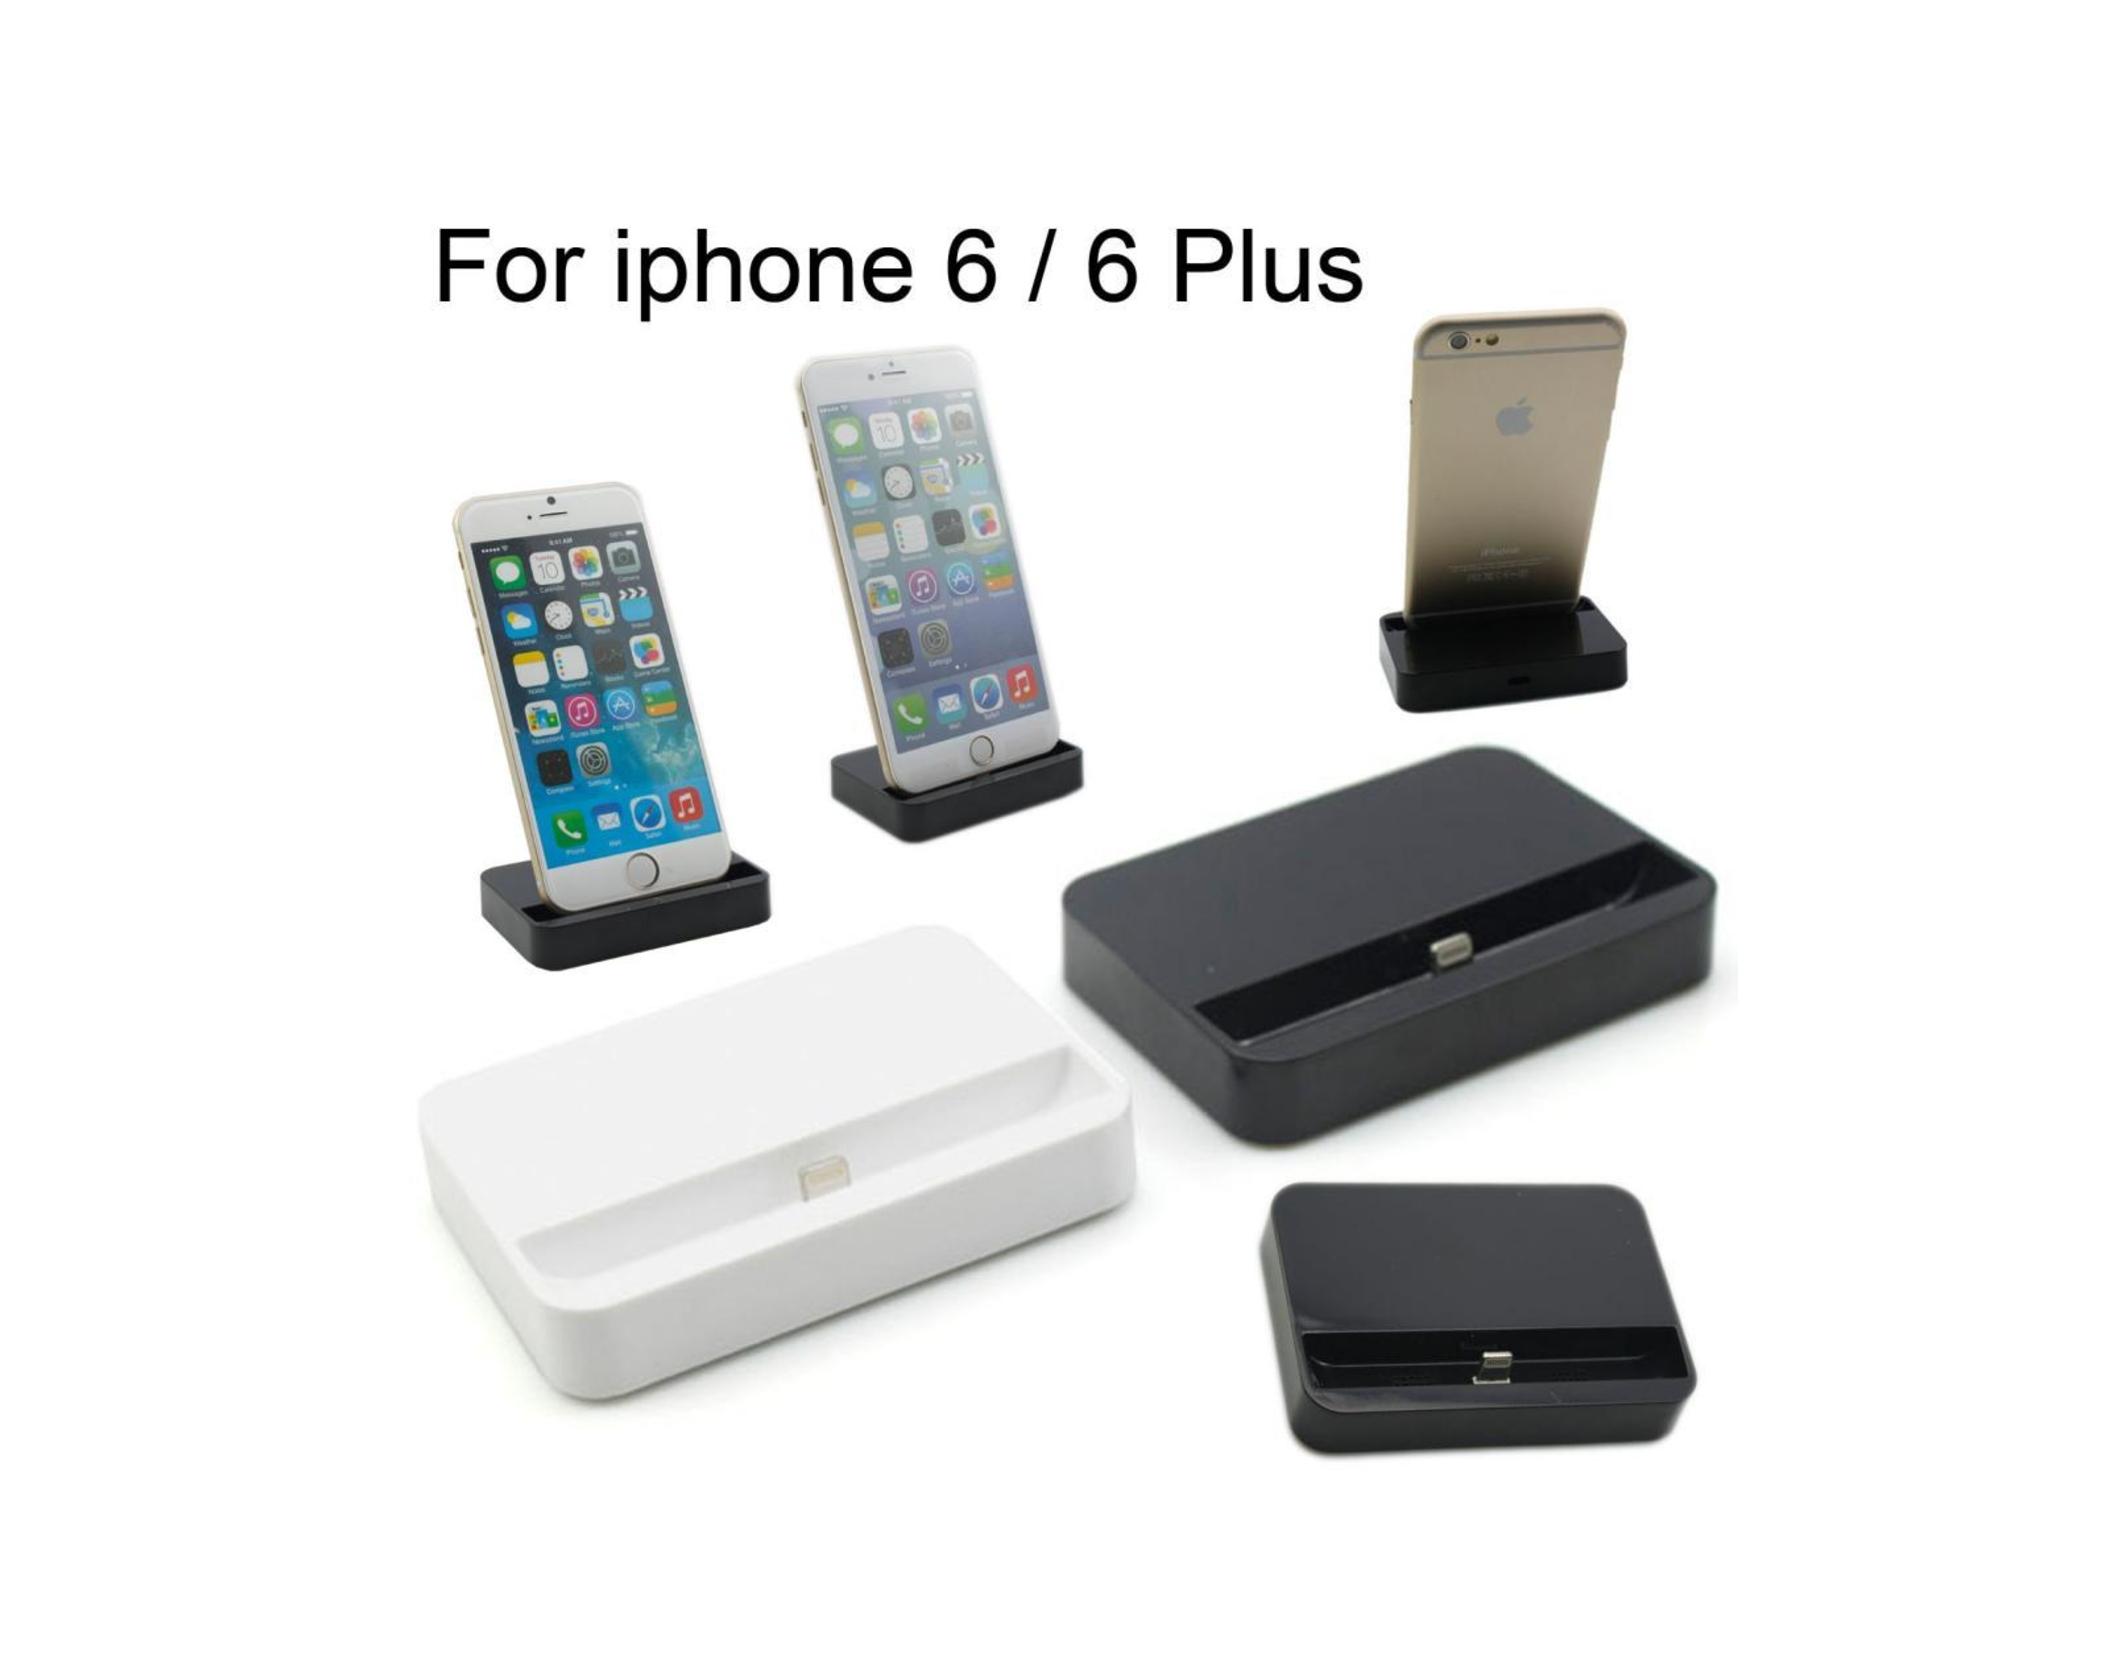 docking station iphone 6 crni 22763739. Black Bedroom Furniture Sets. Home Design Ideas